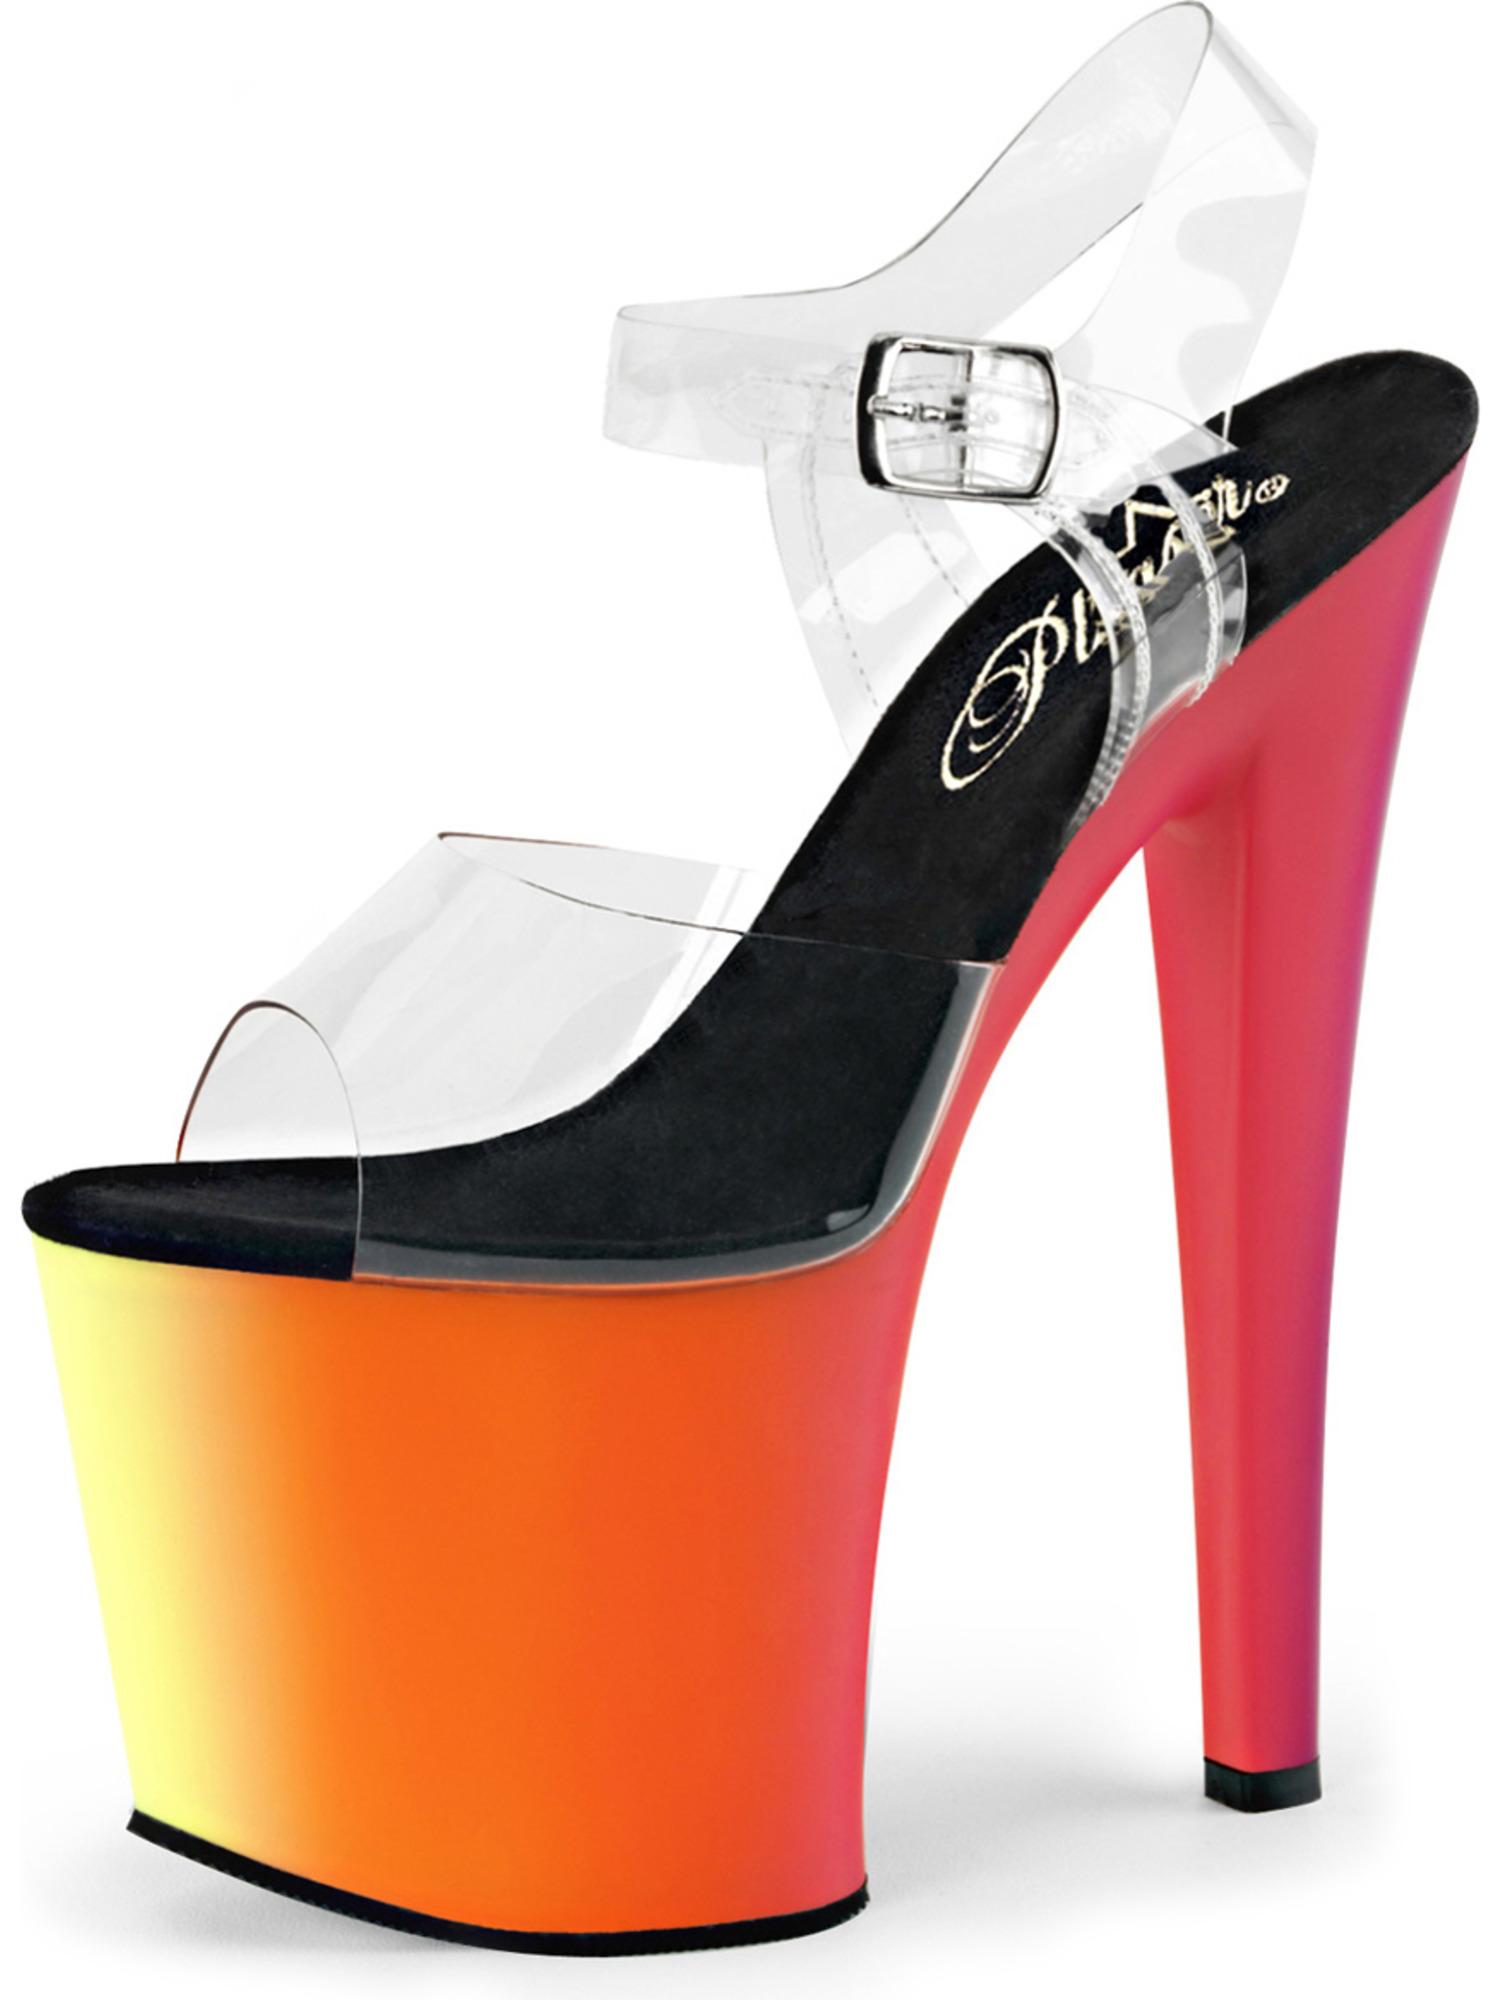 womens glow in the dark shoes neon uv reactive platform sandals 7 1/2 inch heel